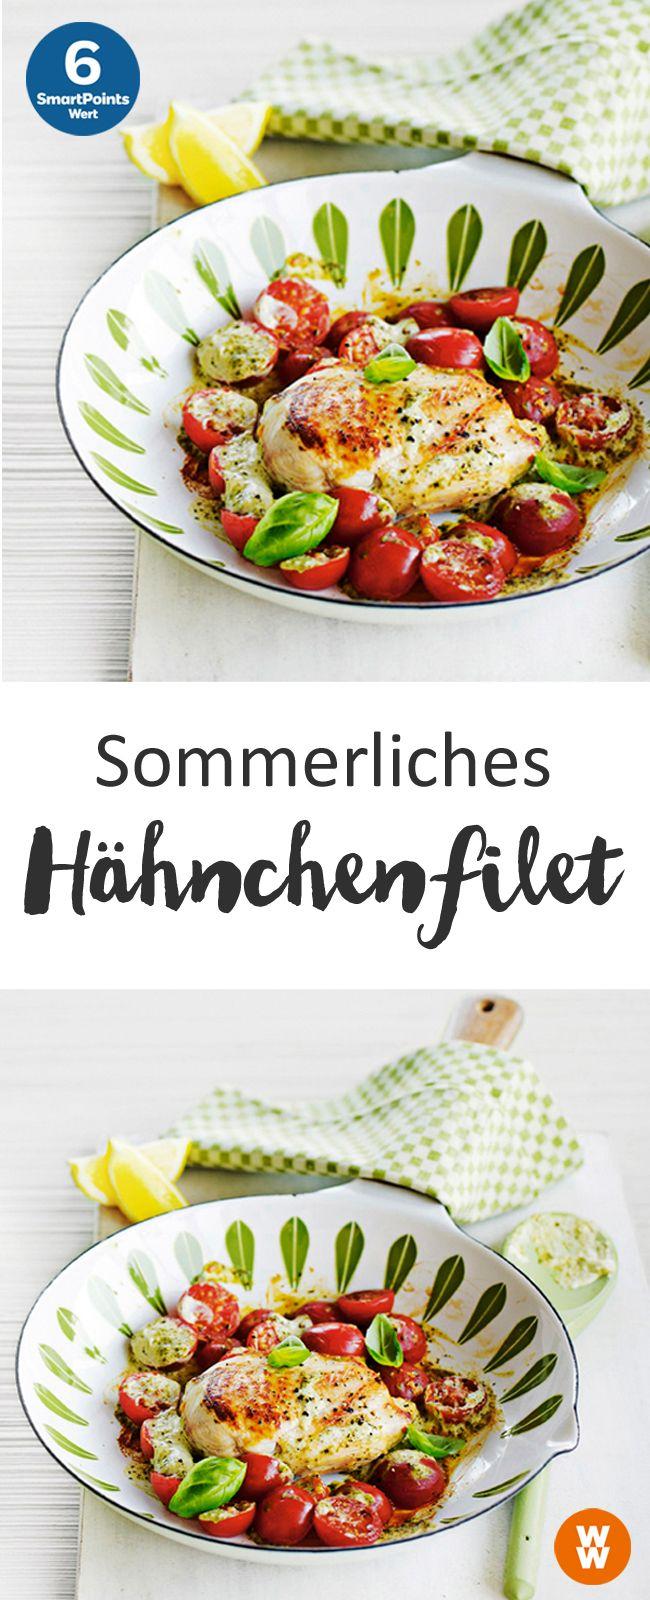 Sommerliches Hähnchenfilet | 6 SmartPoints/Portion, Weight Watchers, Fleisch, fertig in 25 min.